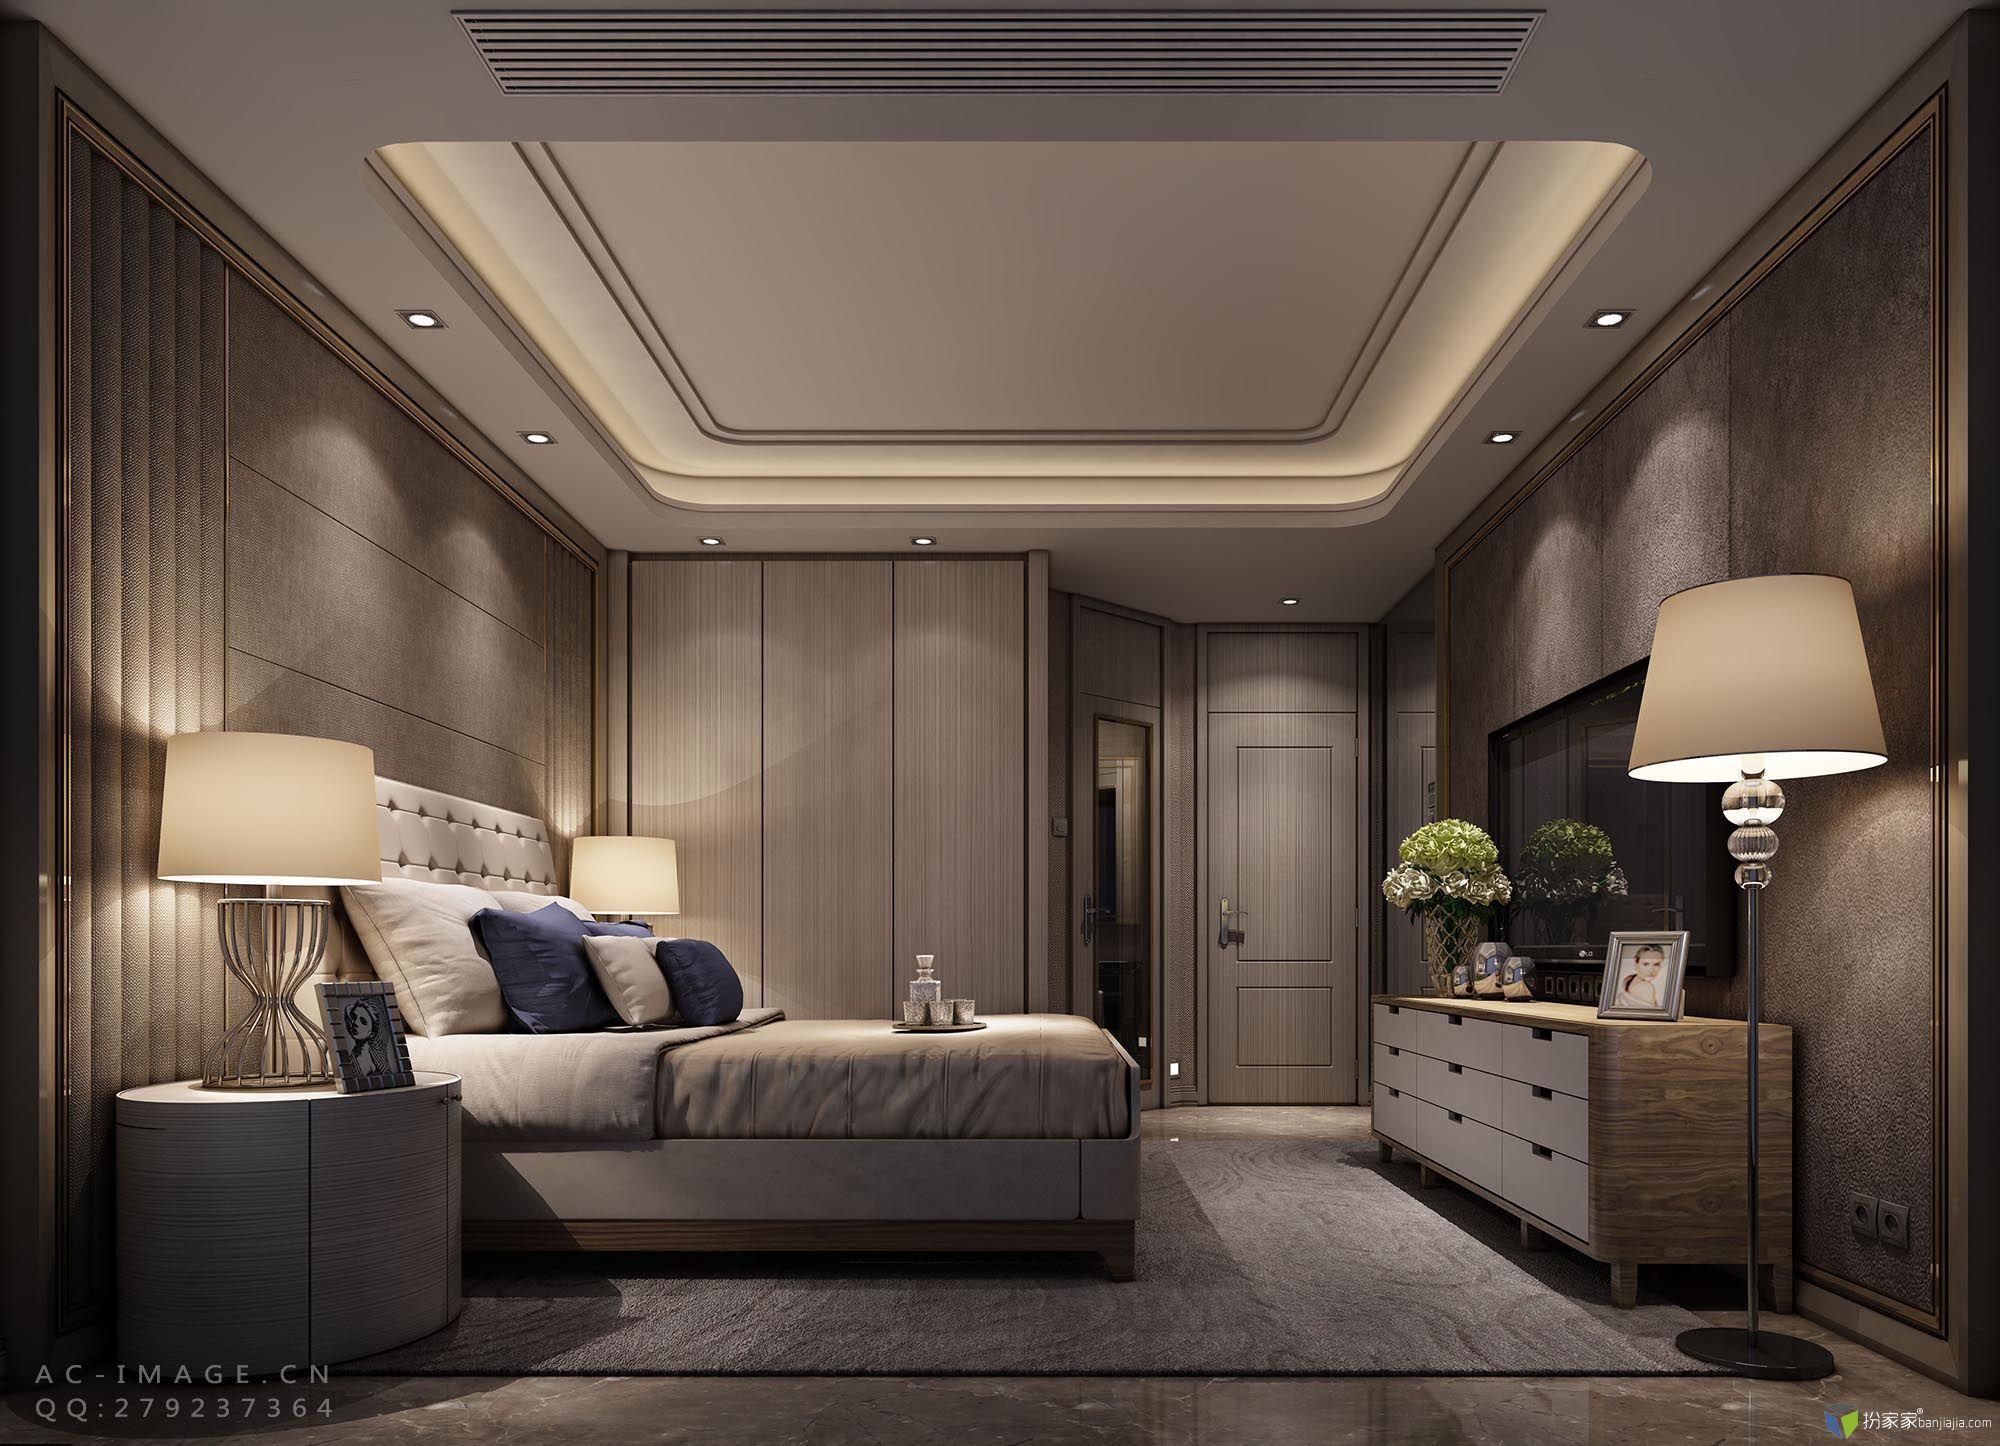 Pin Oleh Max Zagarulka Di Ideas For The House Ide Apartemen Desain Interior Ruang Tamu Rumah Decoration of master bedrooms